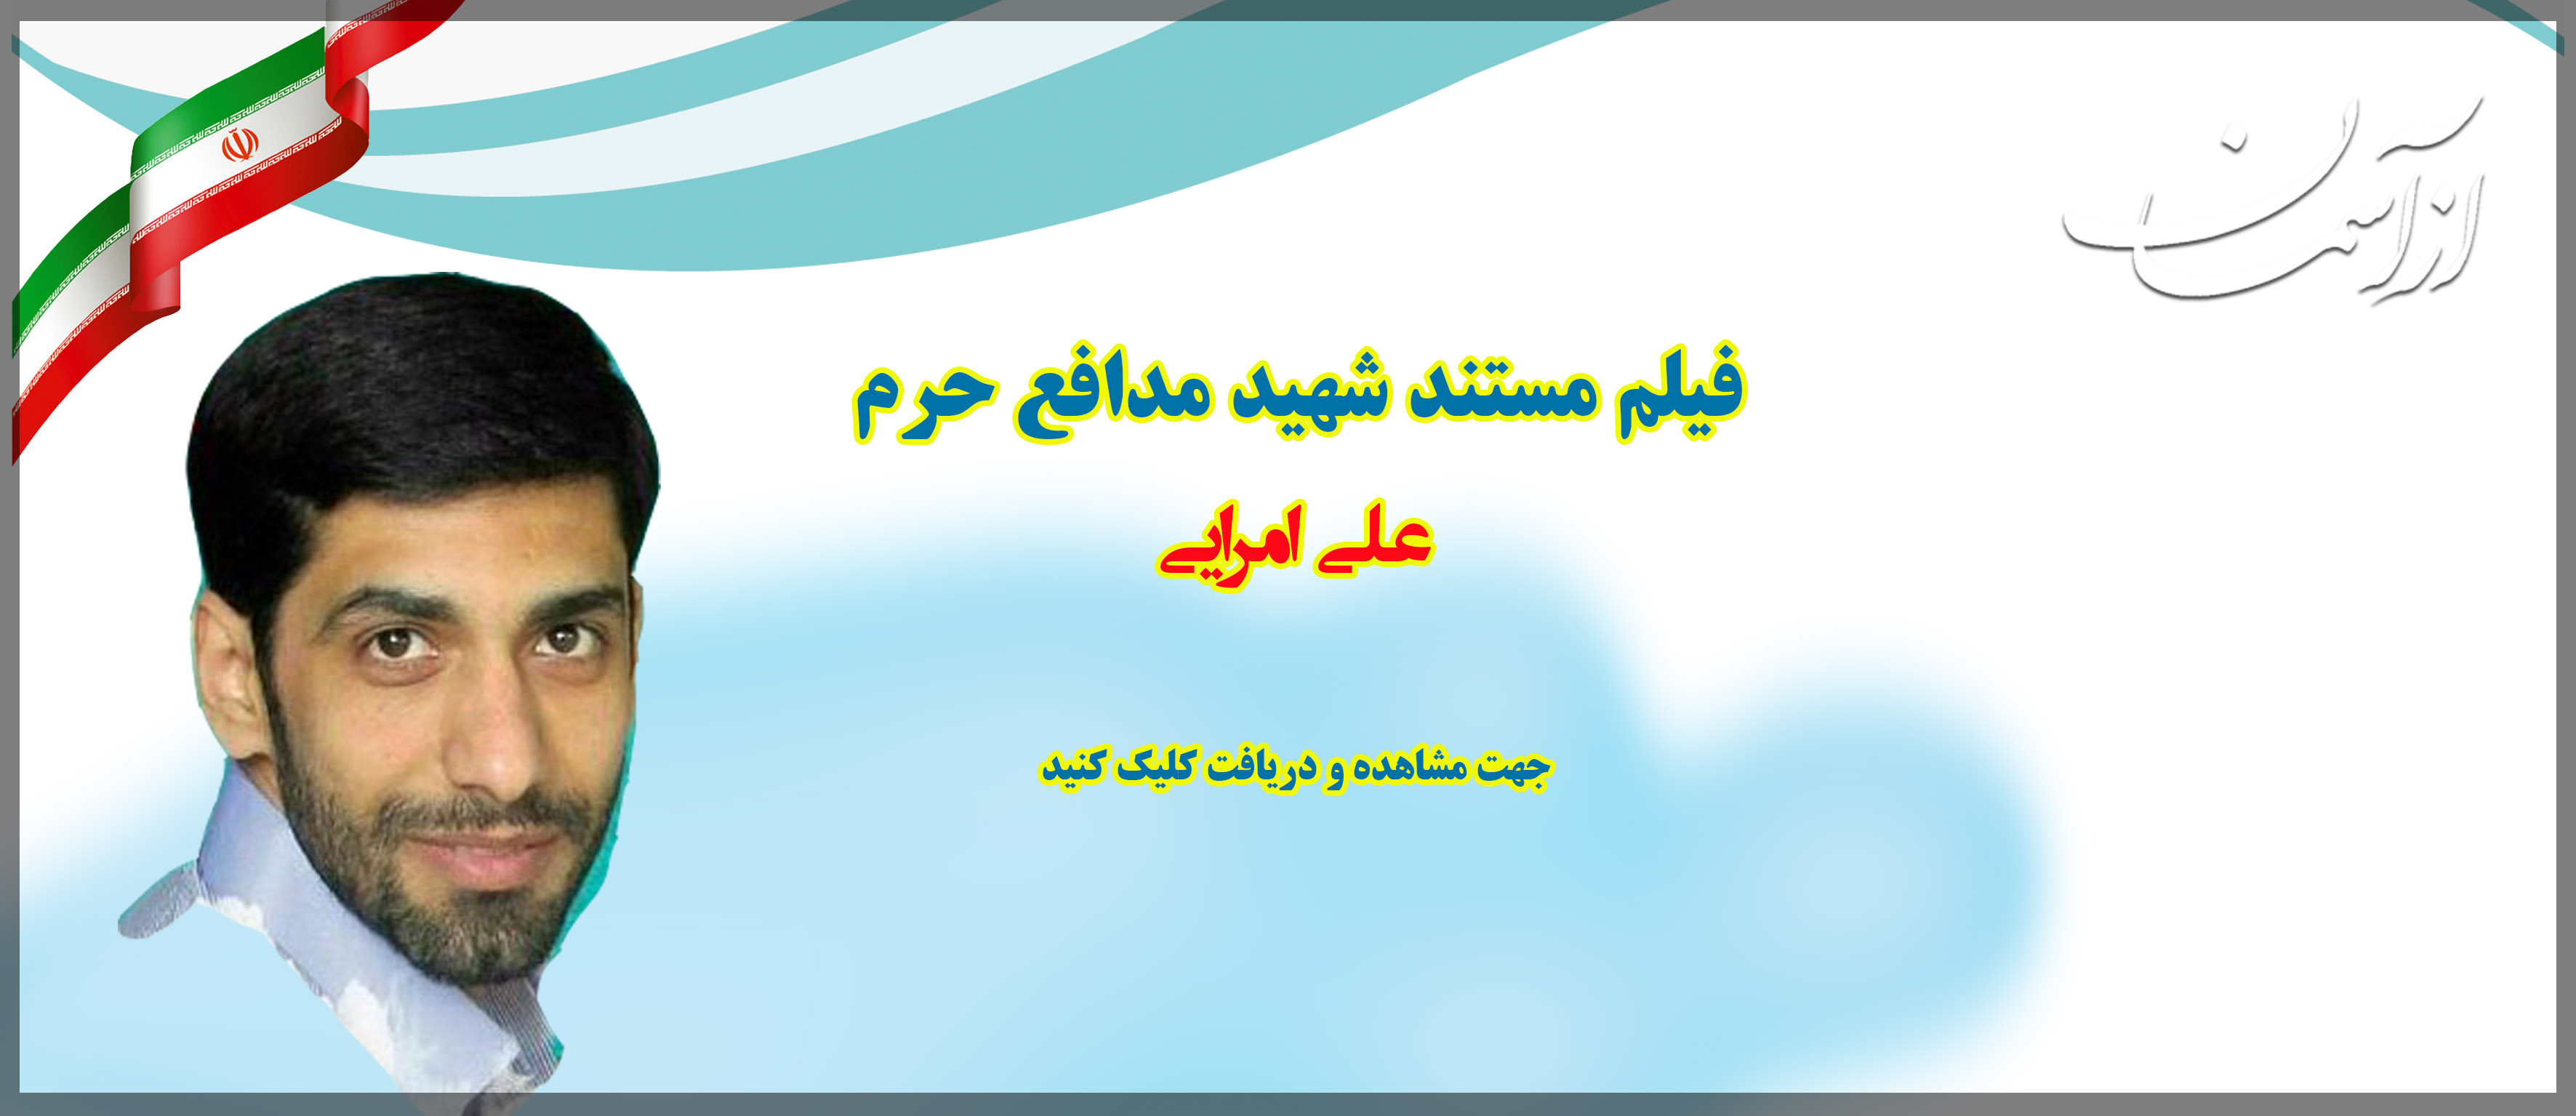 مستند شهید علی امرایی